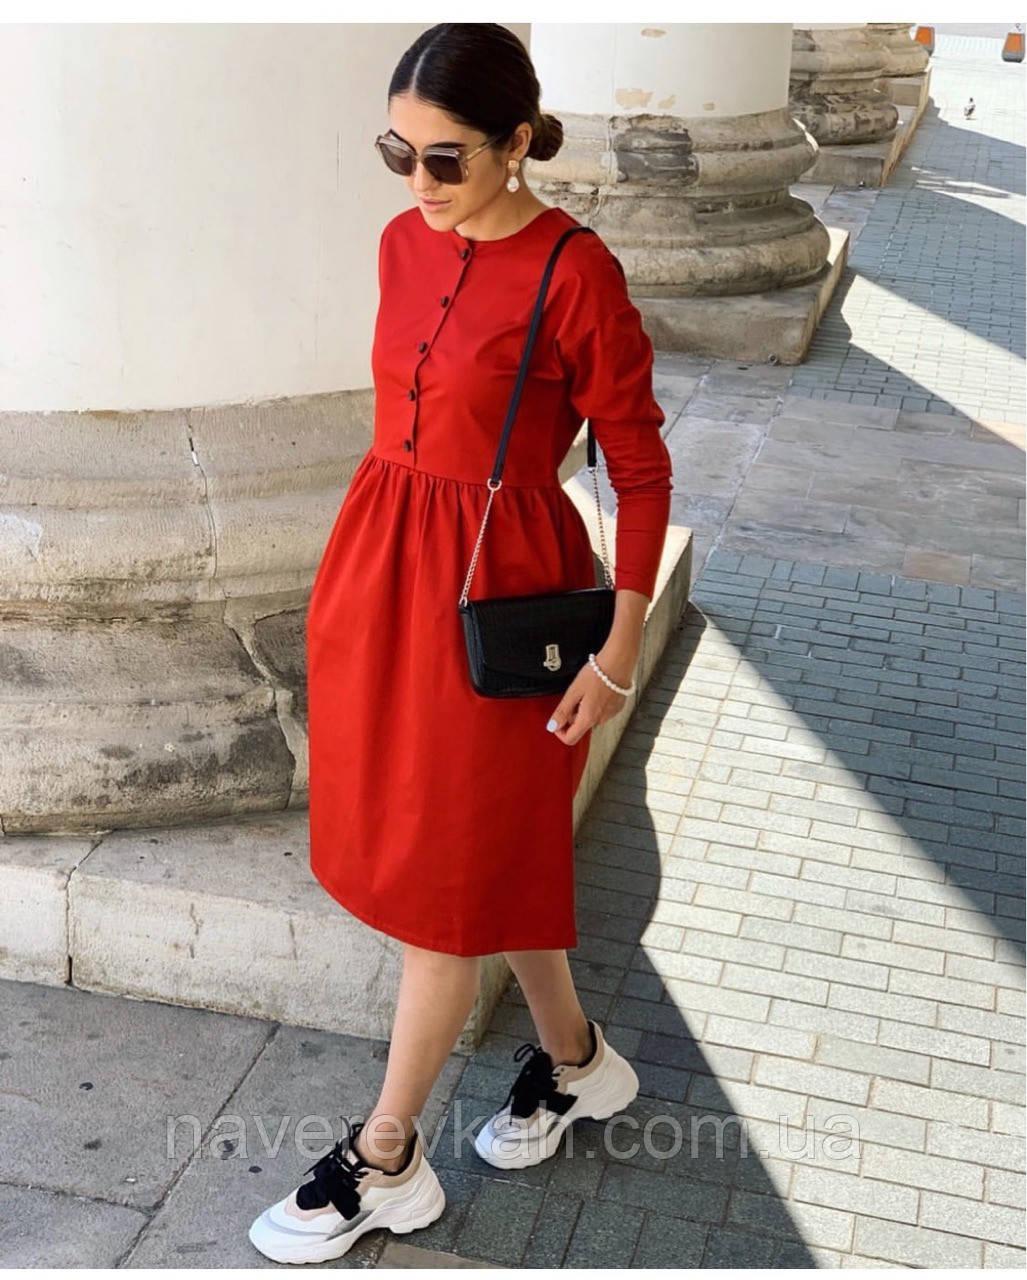 Женское осеннее платье колокольчик на пуговицах черный красный розовый 42-44 44-46